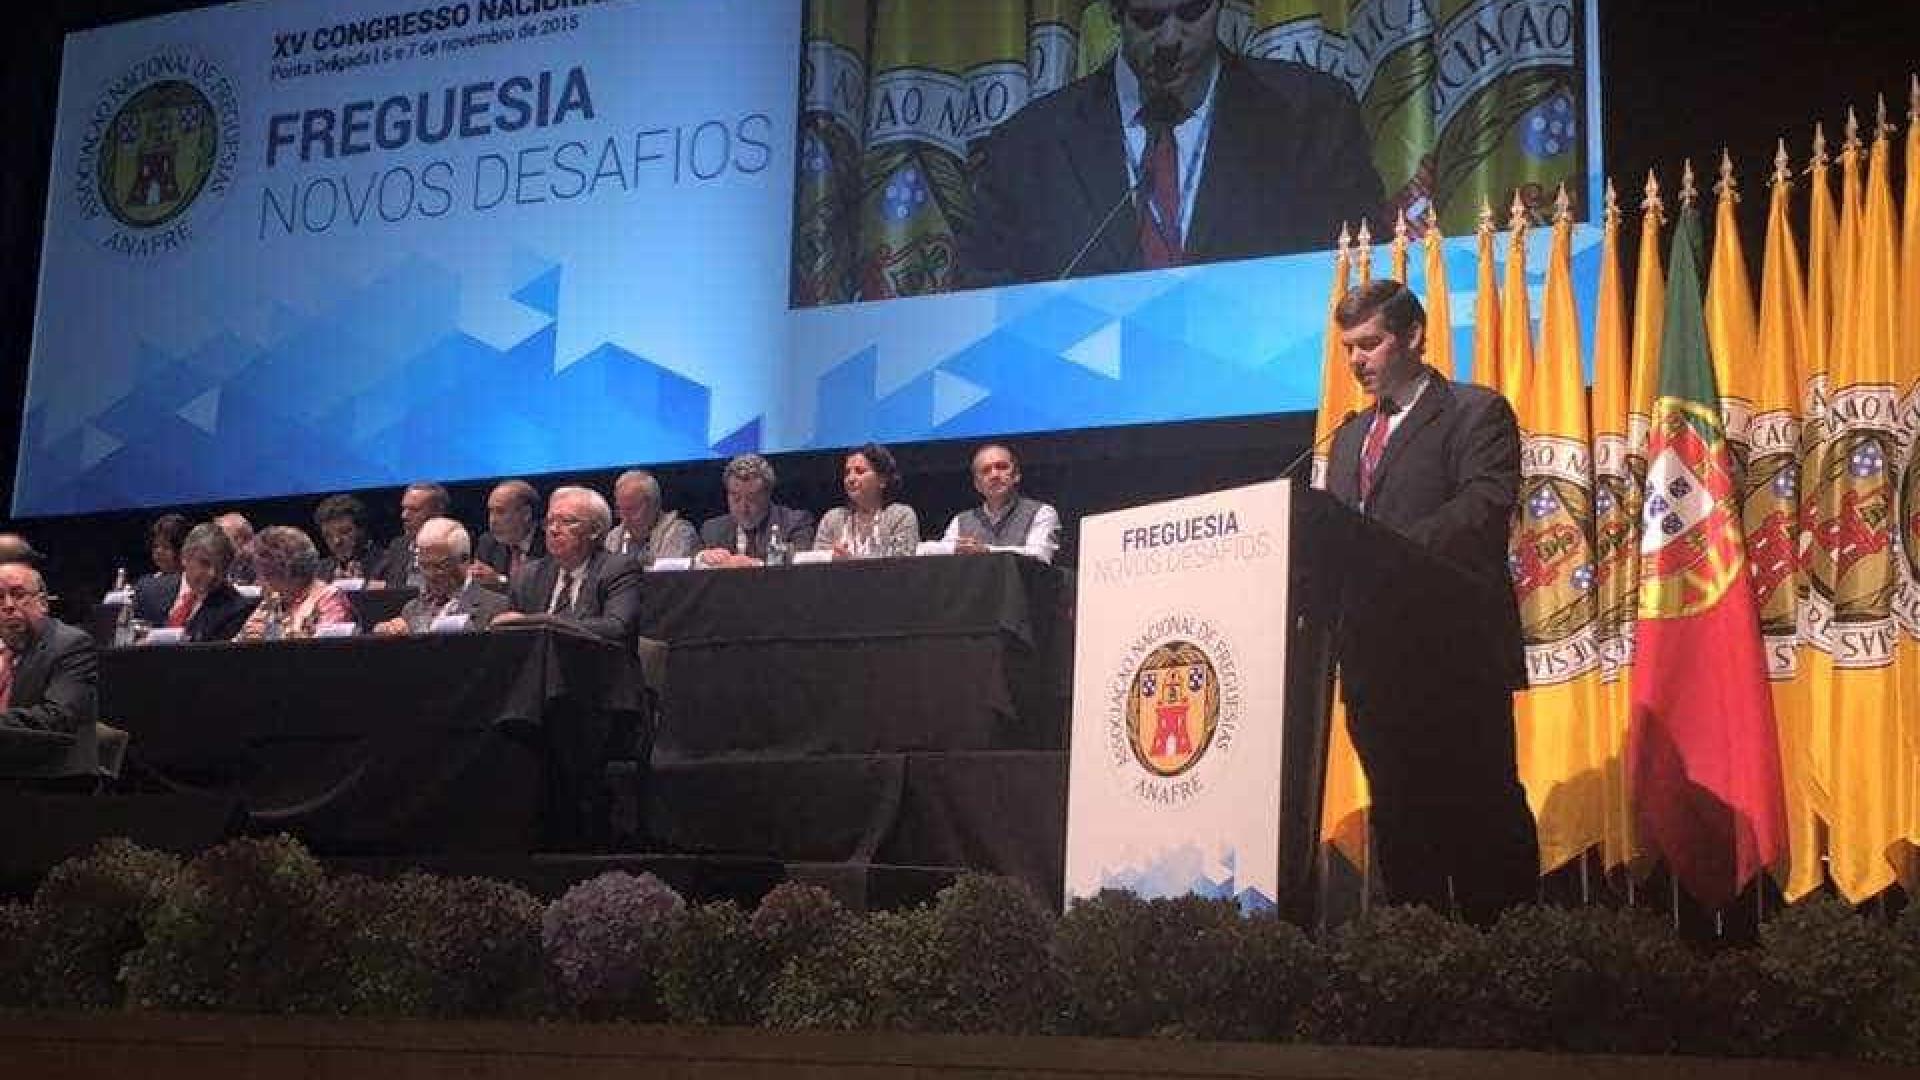 Anafre destaca reforço da autonomia, mas reclama descentralização